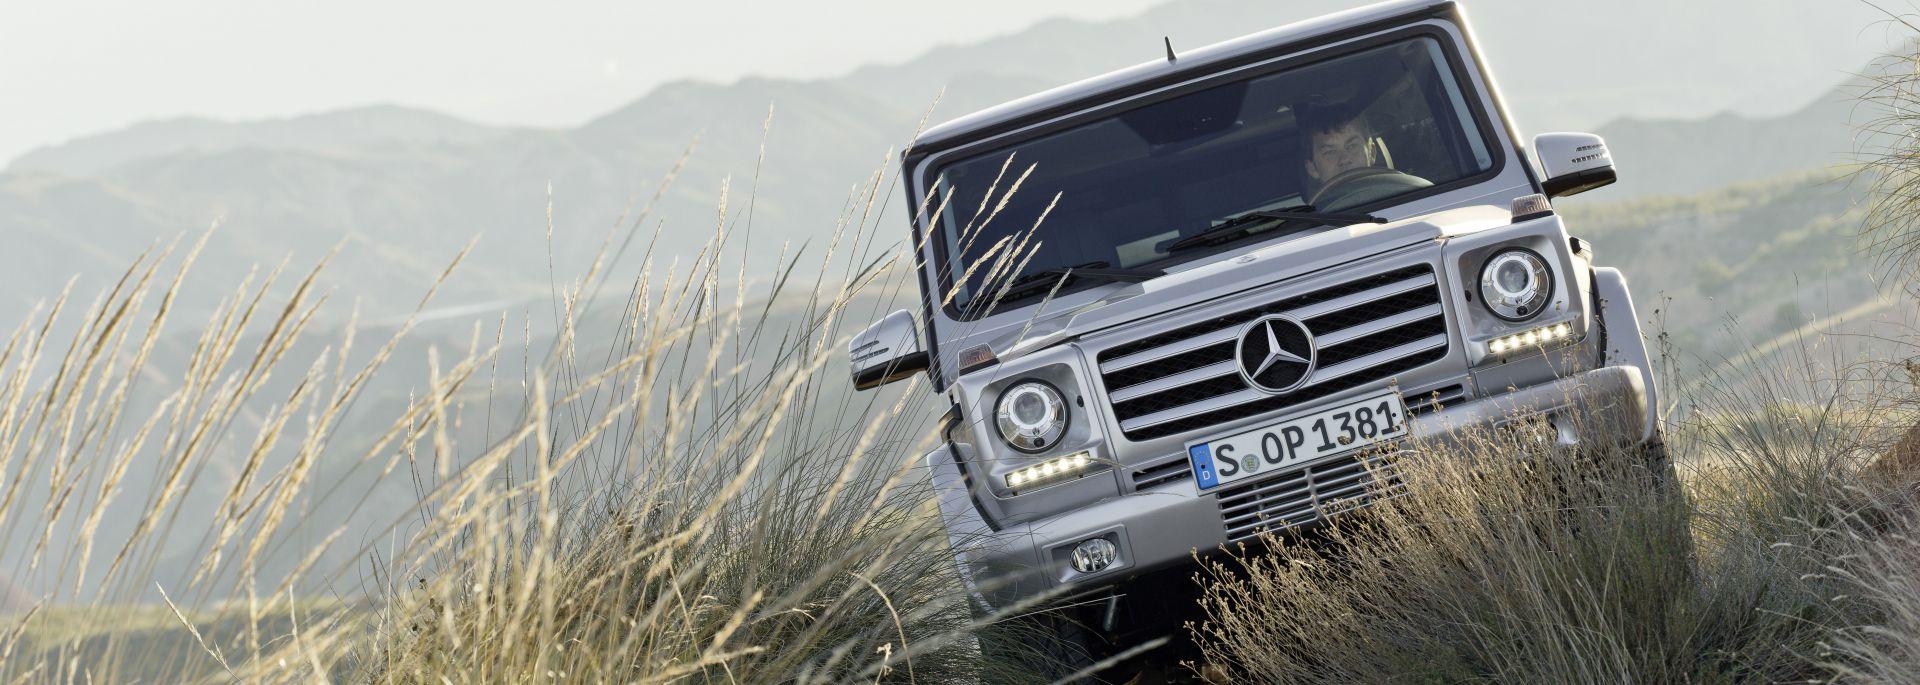 Mercedes benz g klasse gel ndewagen cabriolet lueg for Mercedes benz service g